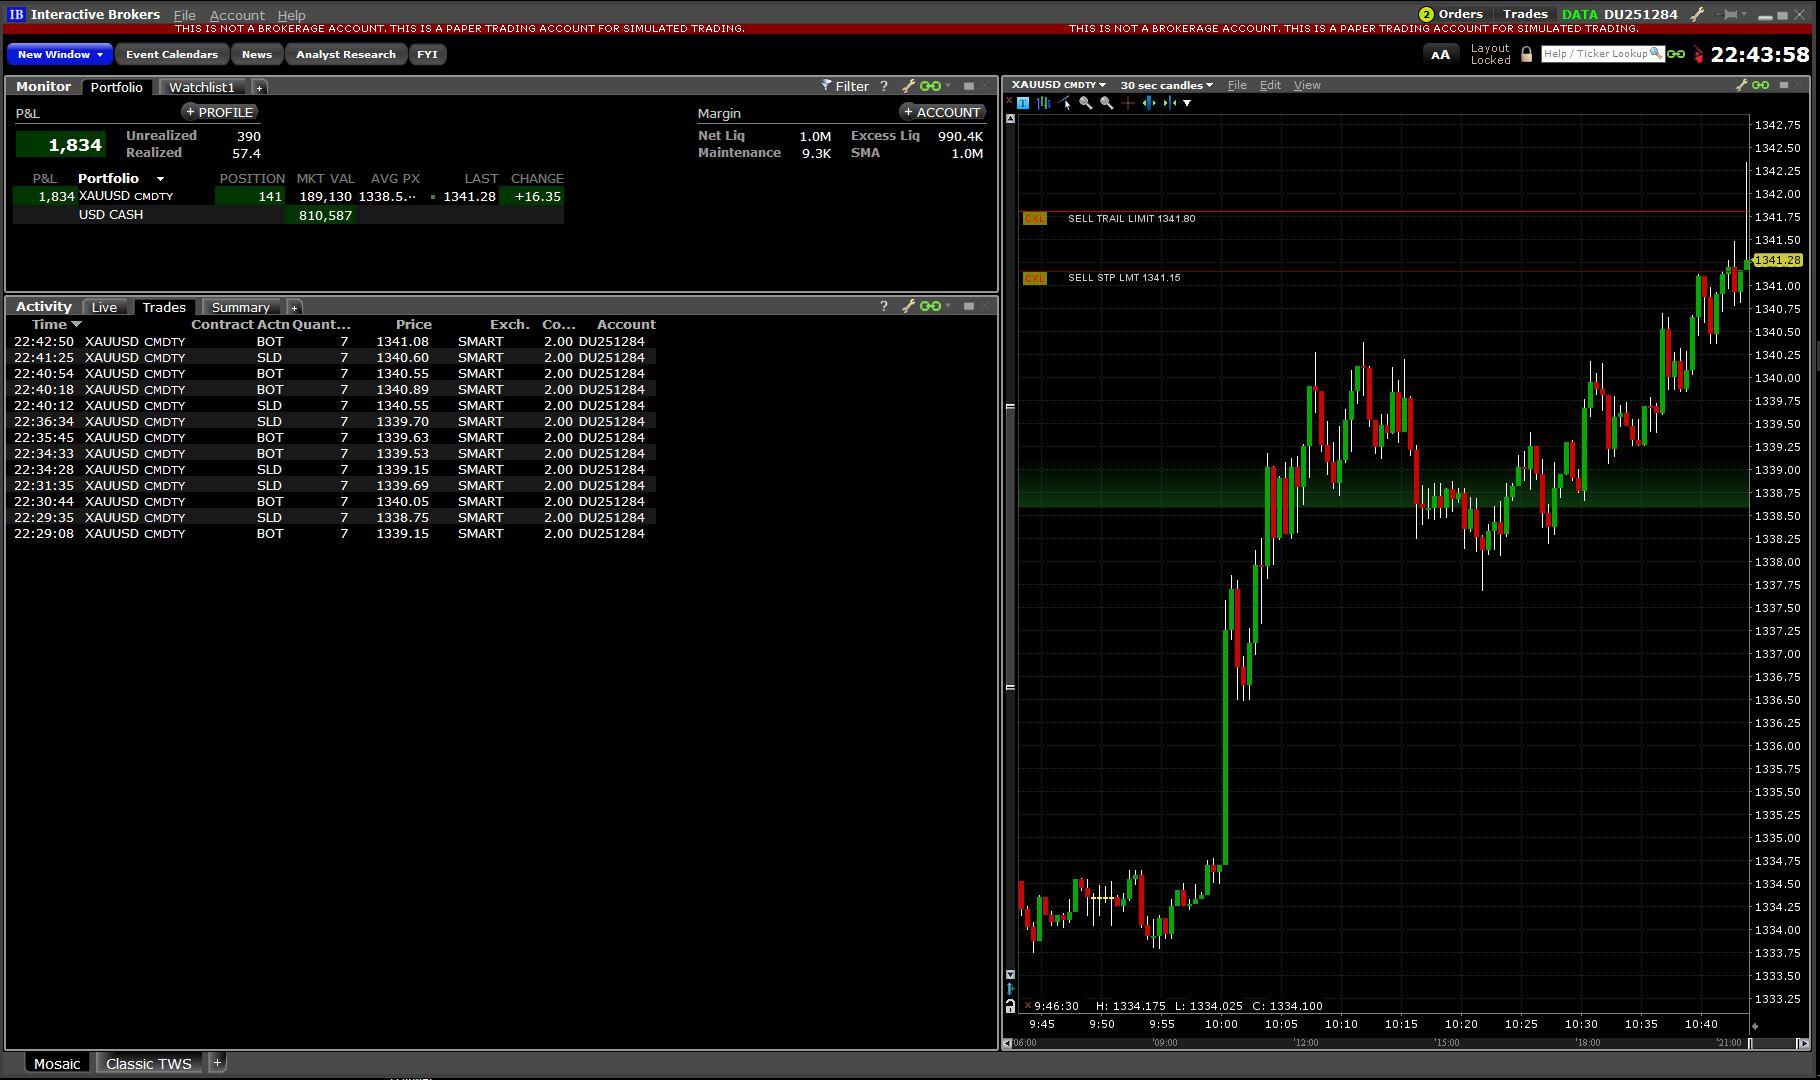 Interactive brokers download options data